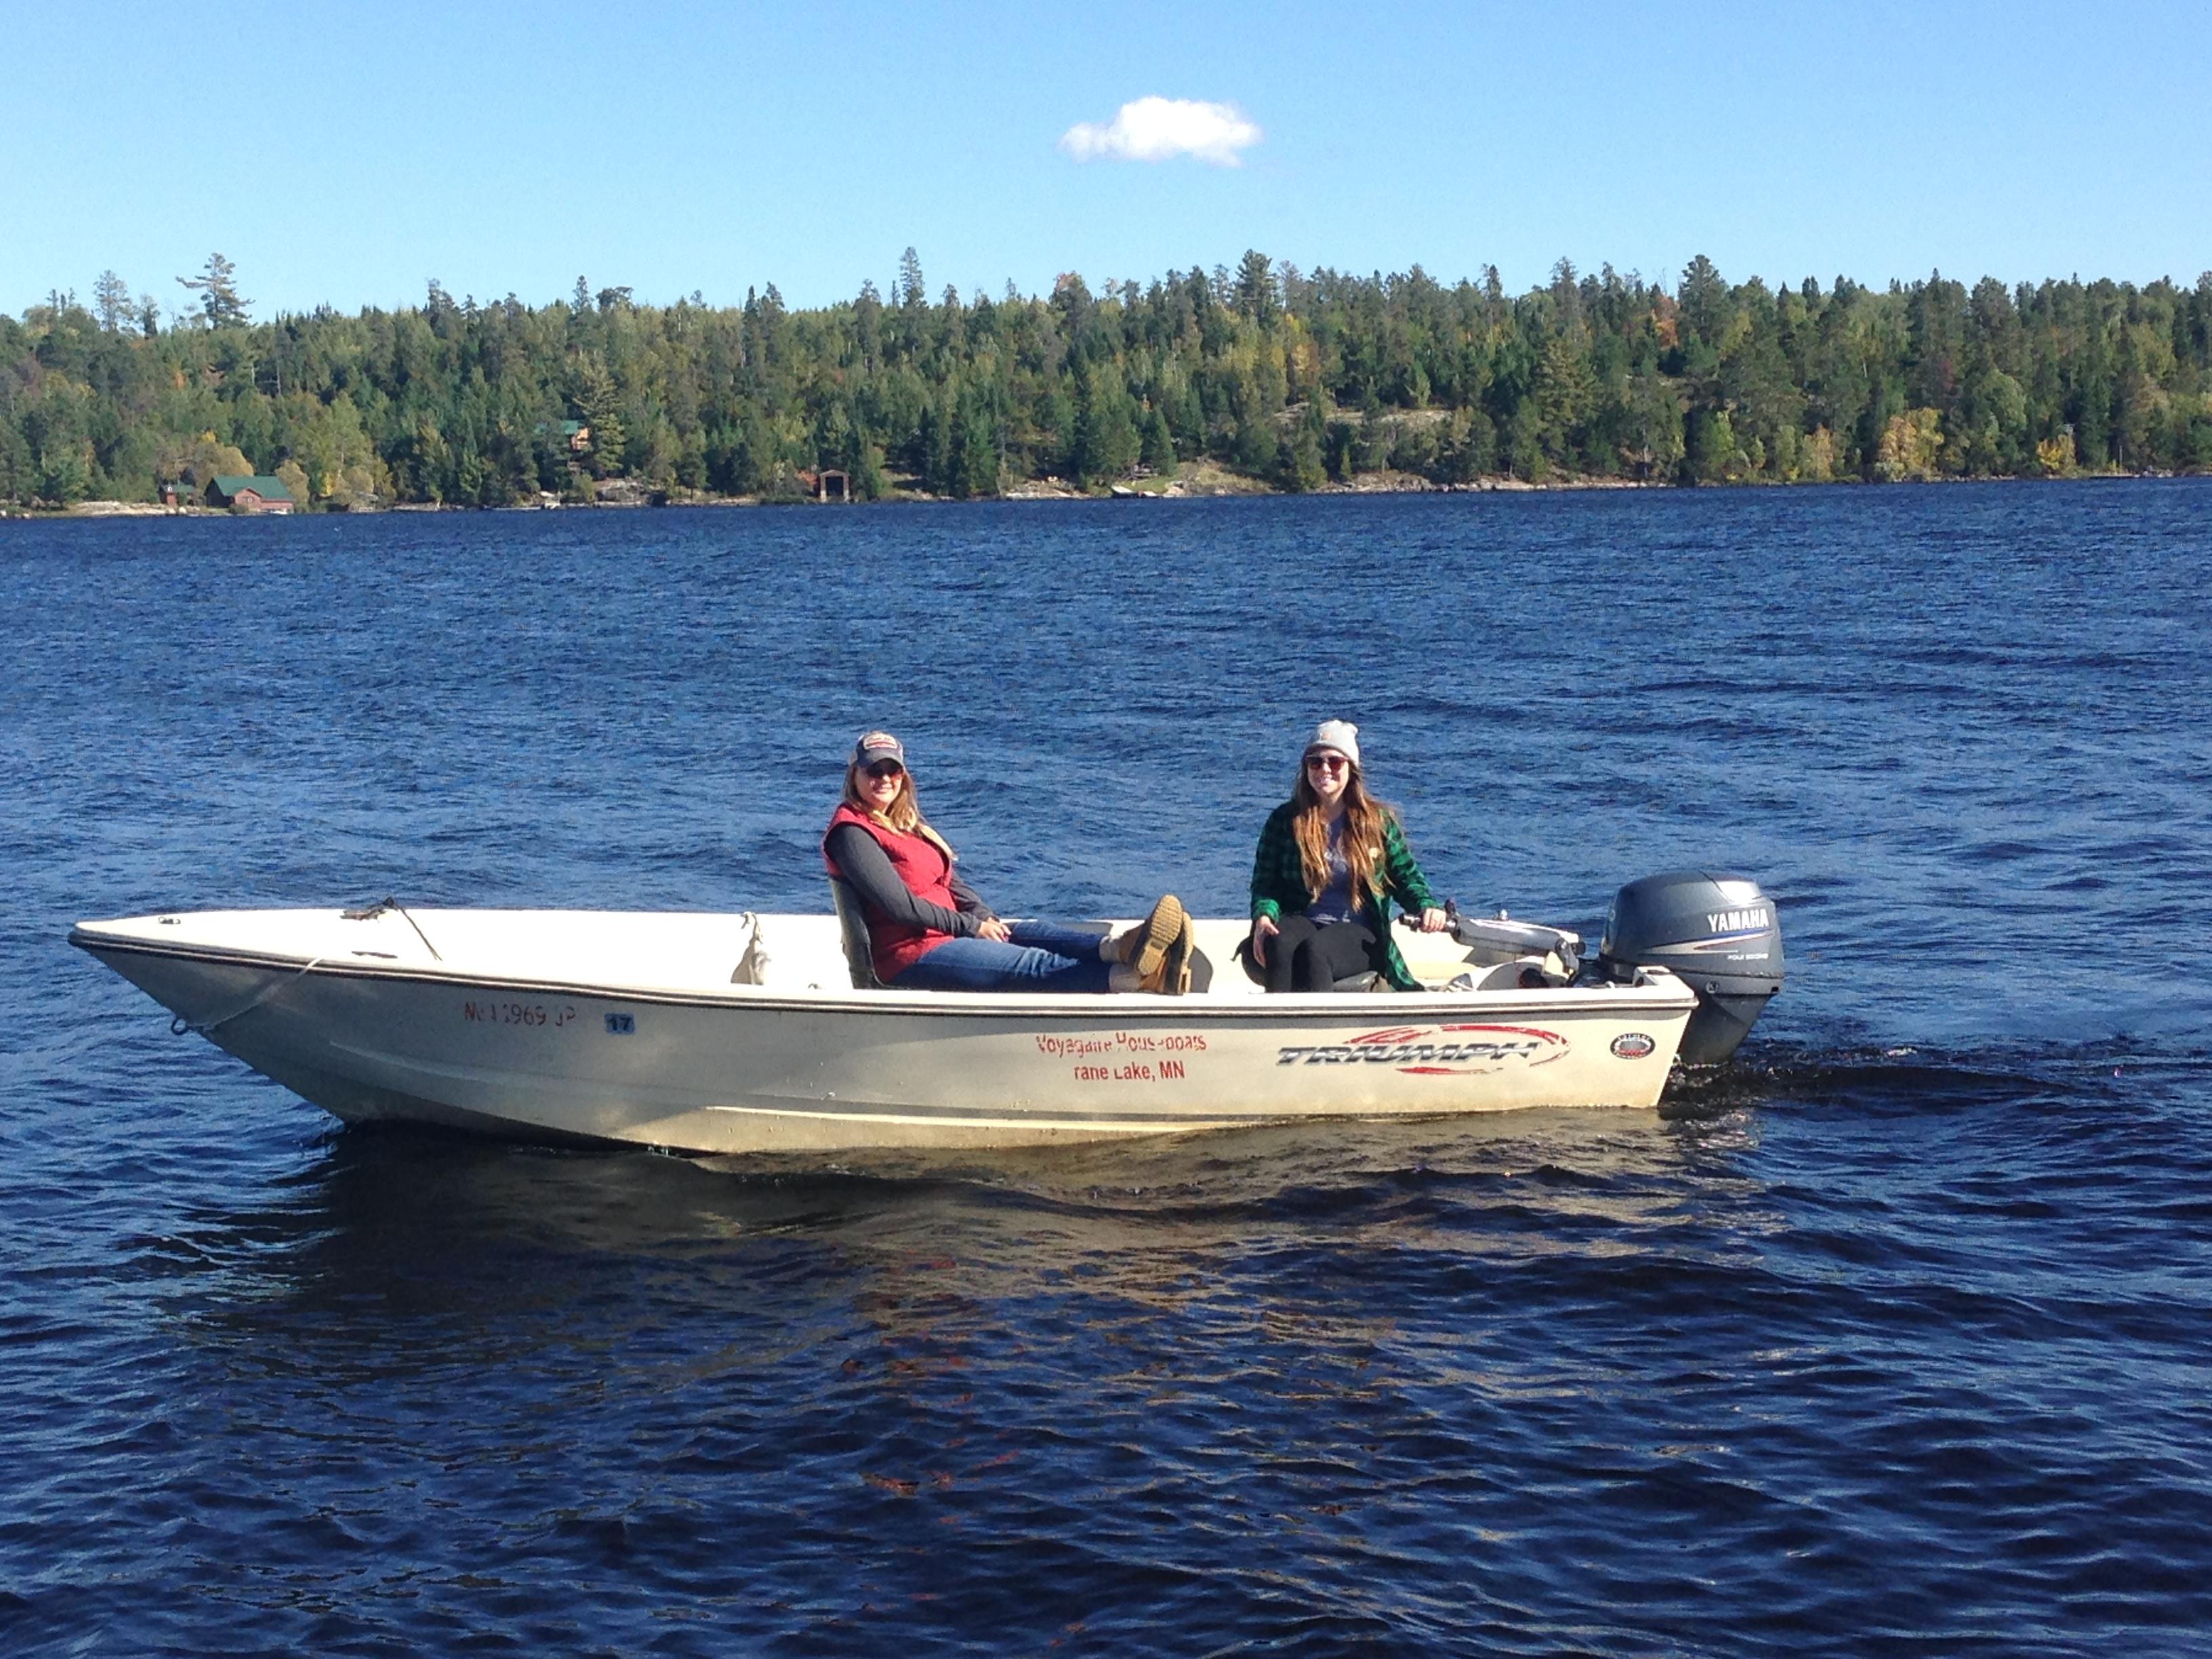 Crane Lake Boat Rentals - Houseboats - Crane Lake - Minnesota ...